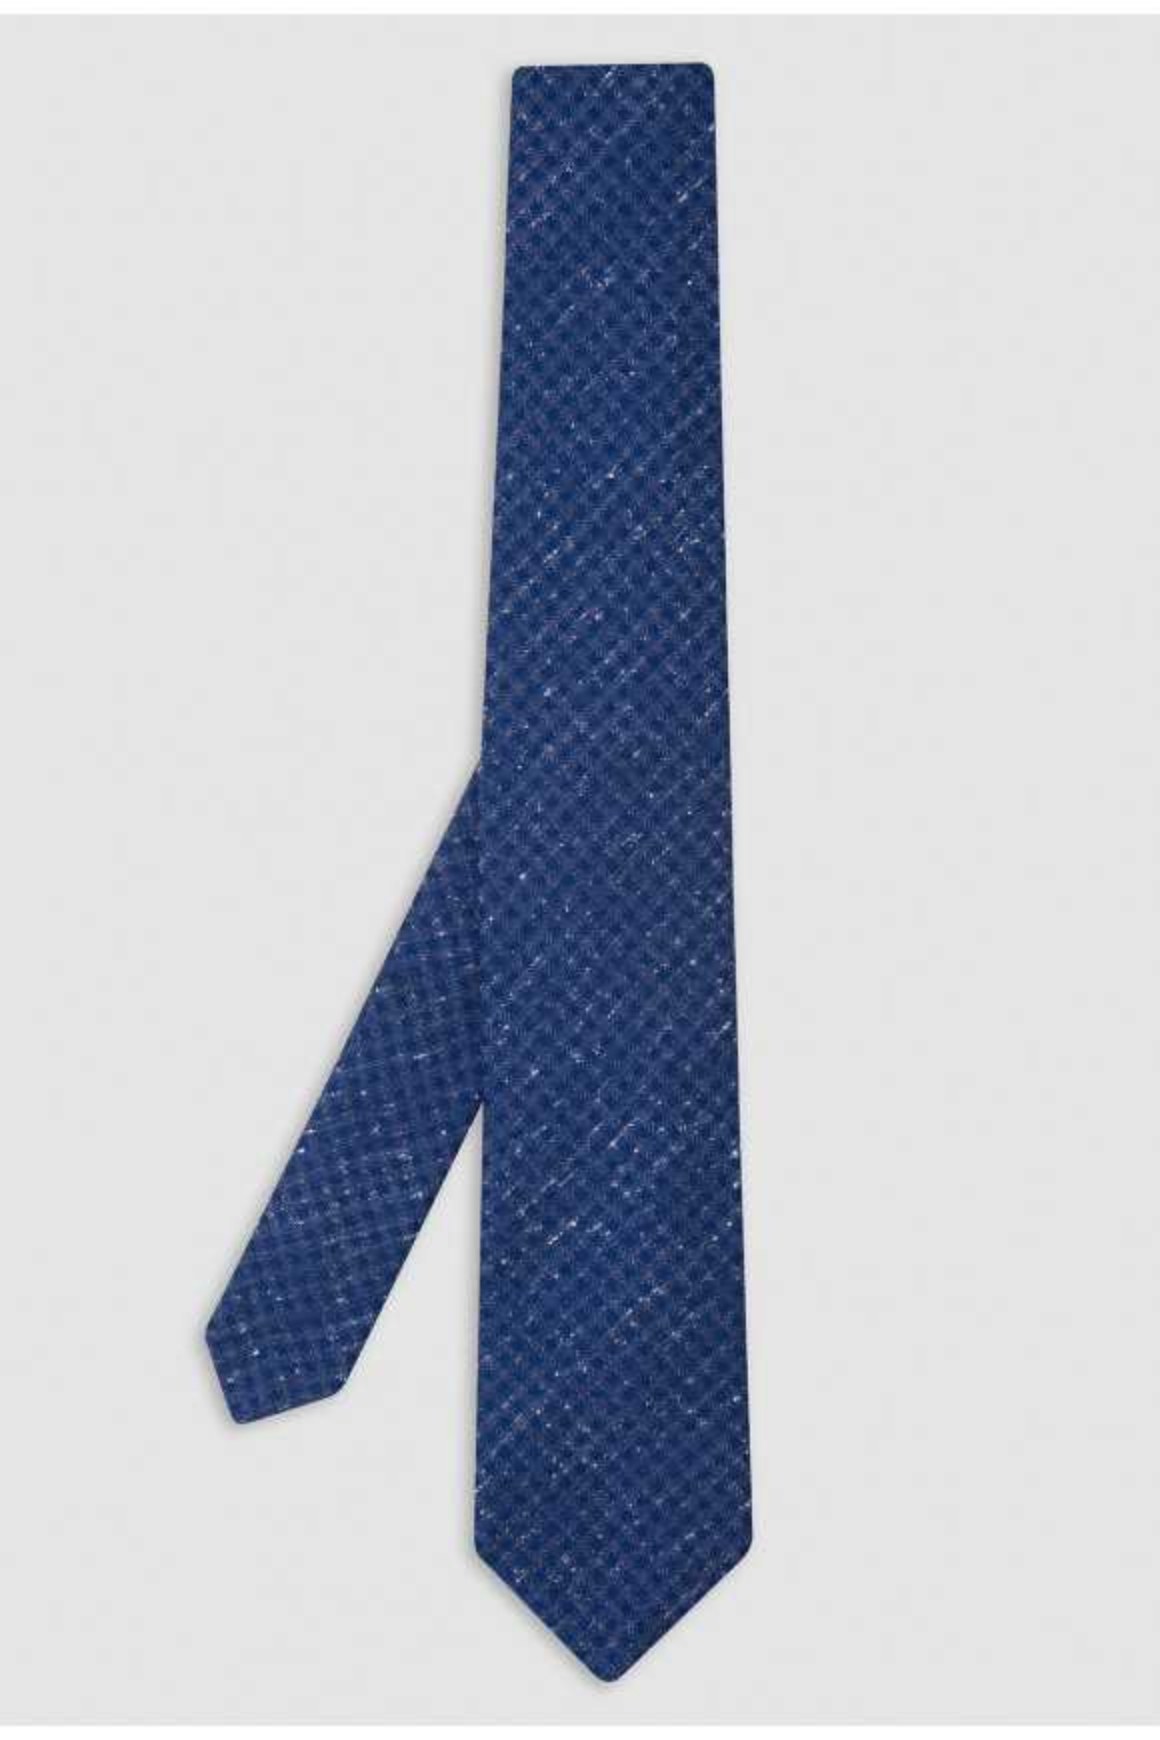 Cravate Bleu Soie